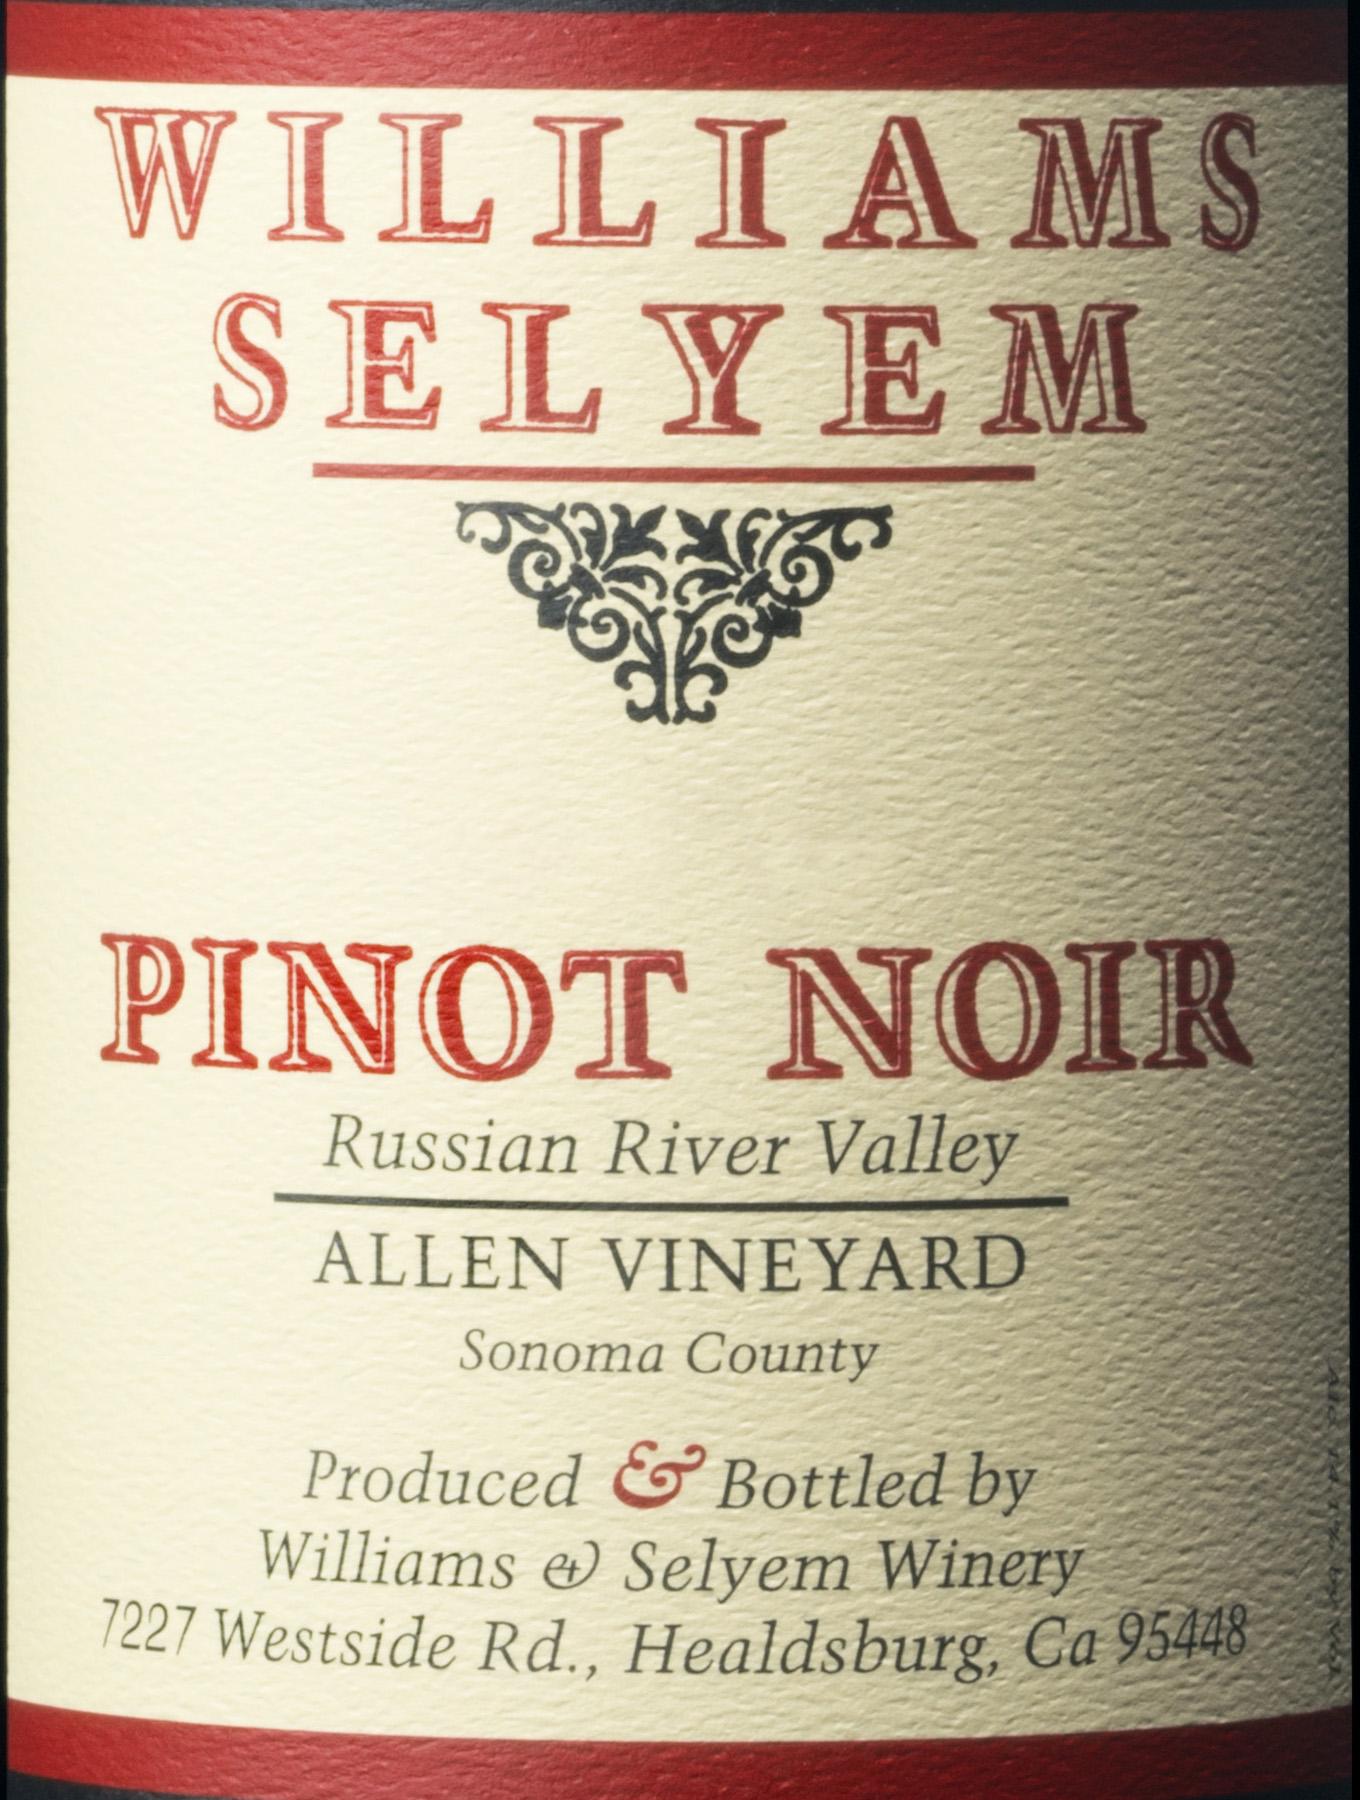 Allen Vineyard